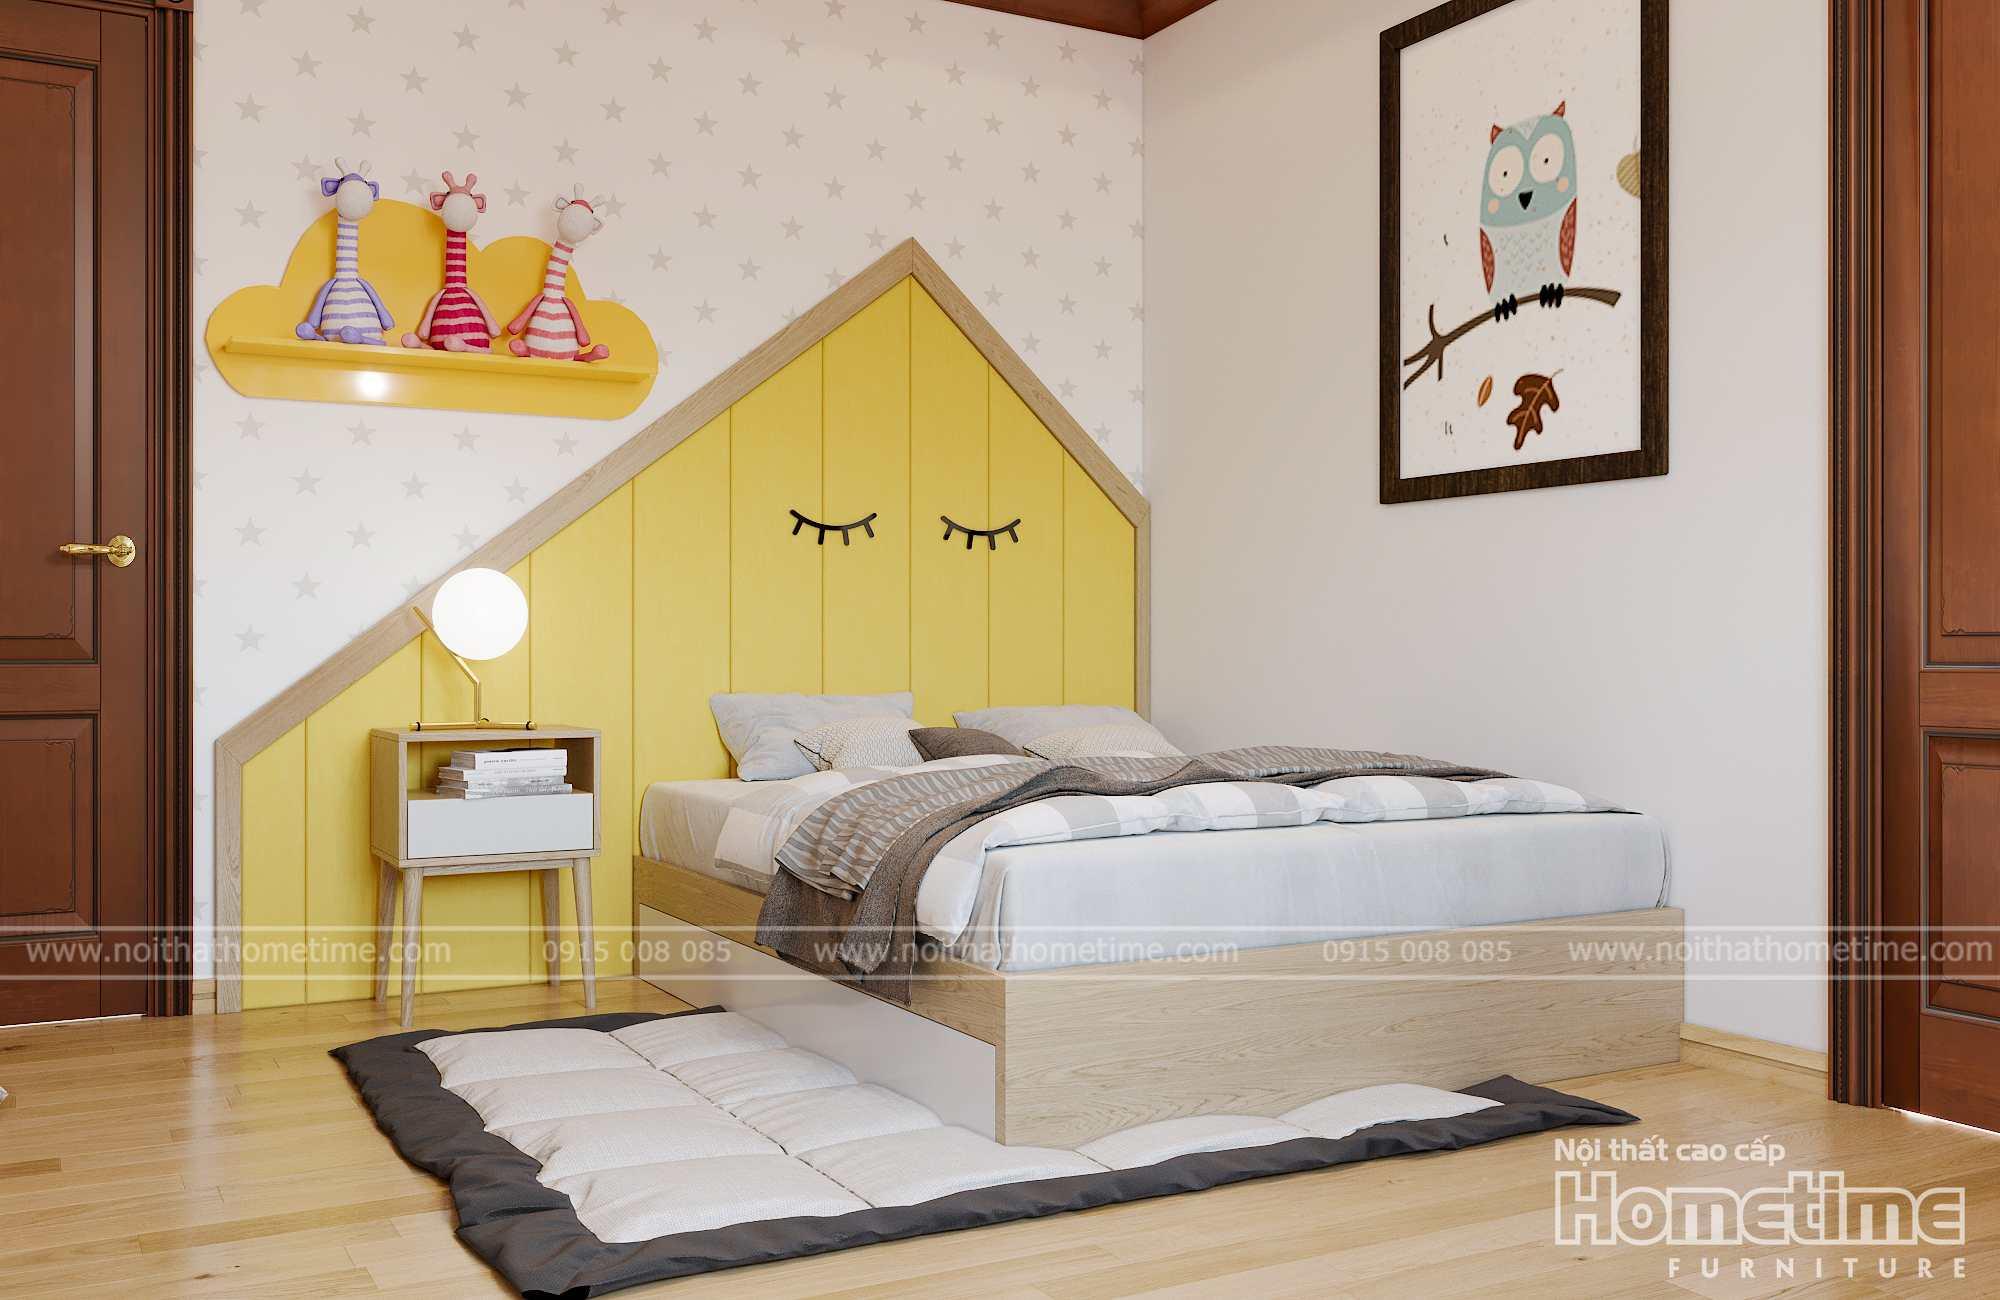 Giường ngủ êm ái và thoải mái với gam màu trắng